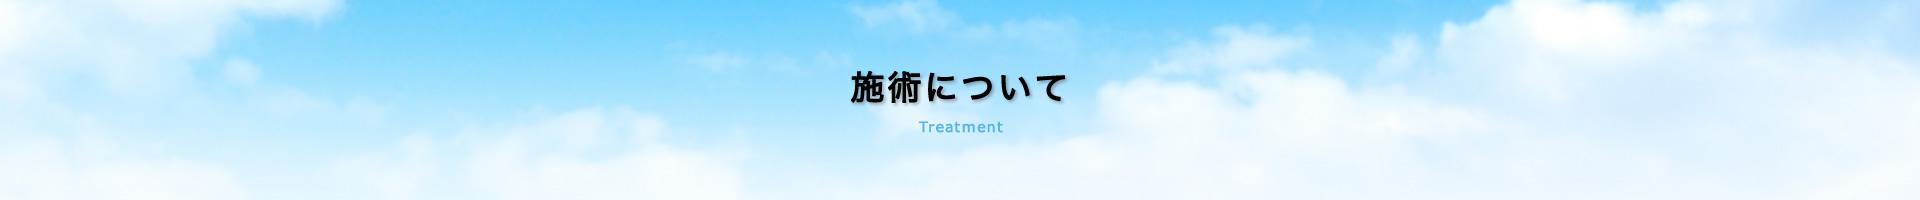 施術について Treatment